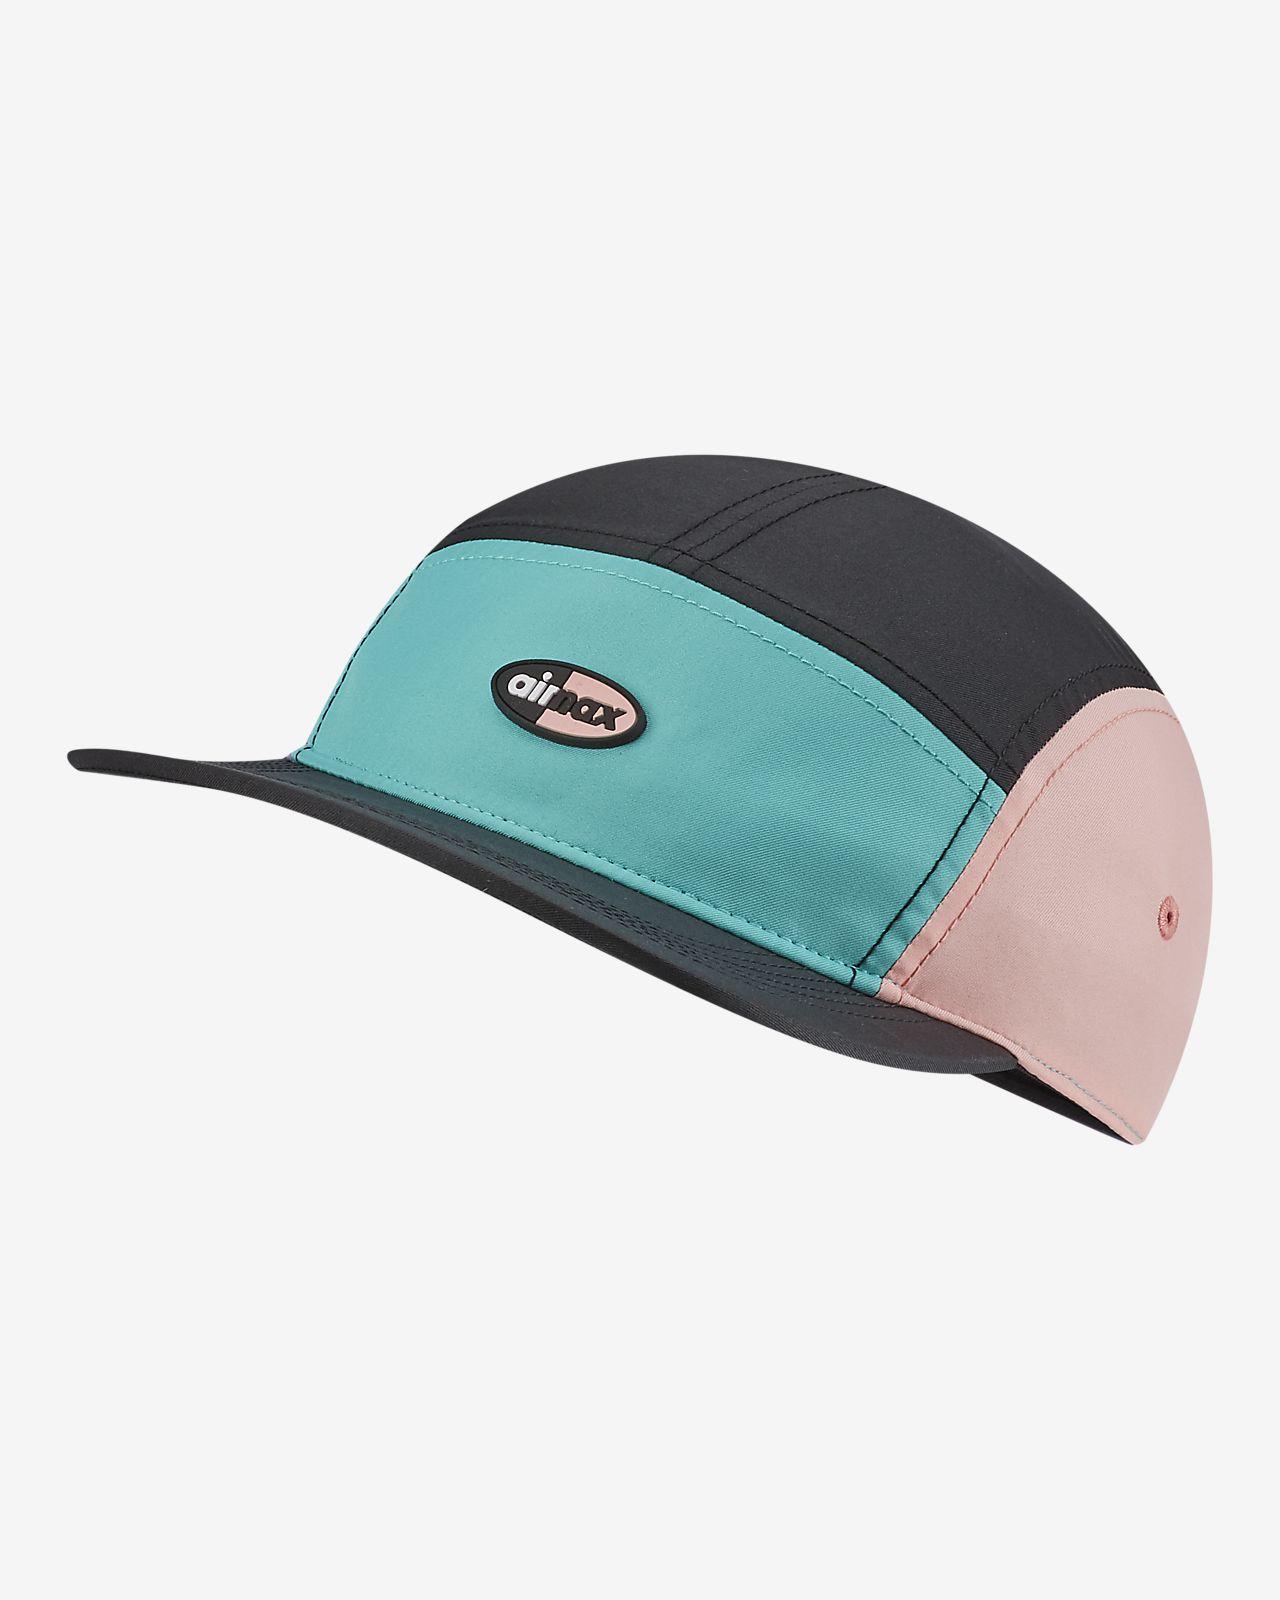 Nike Sportswear AW84 可調式帽款